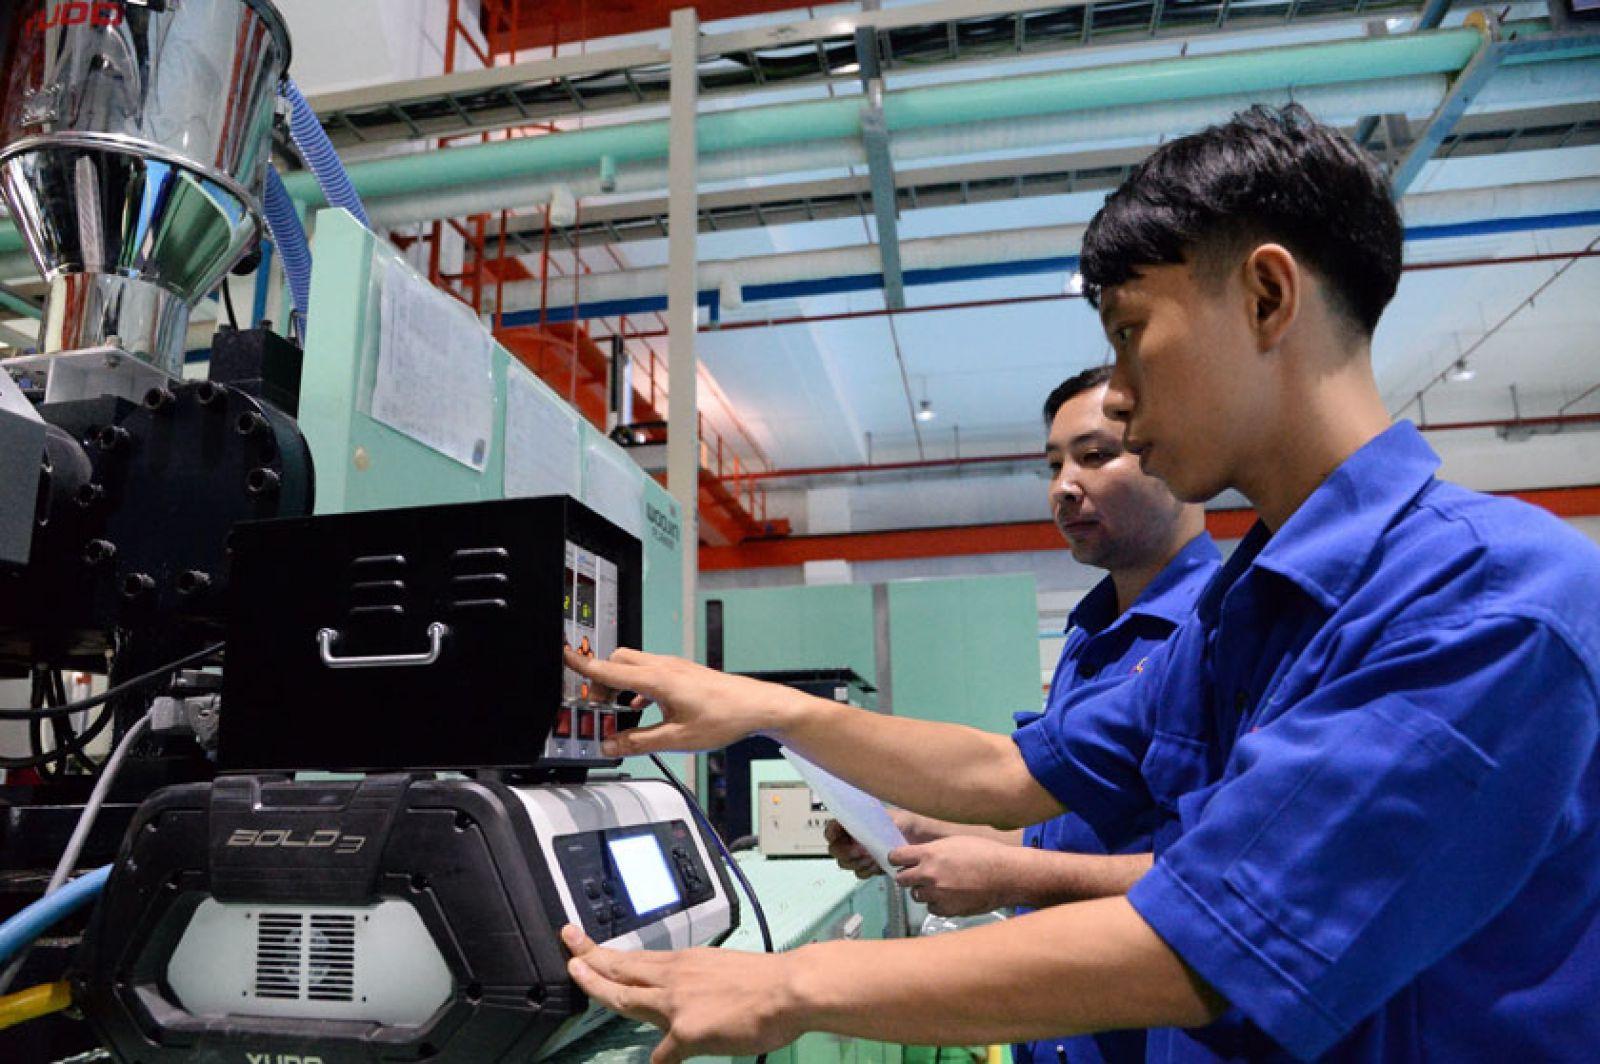 Thành phố Hồ Chí Minh: Mảnh đất 'màu mỡ' cho khởi nghiệp Ảnh 1